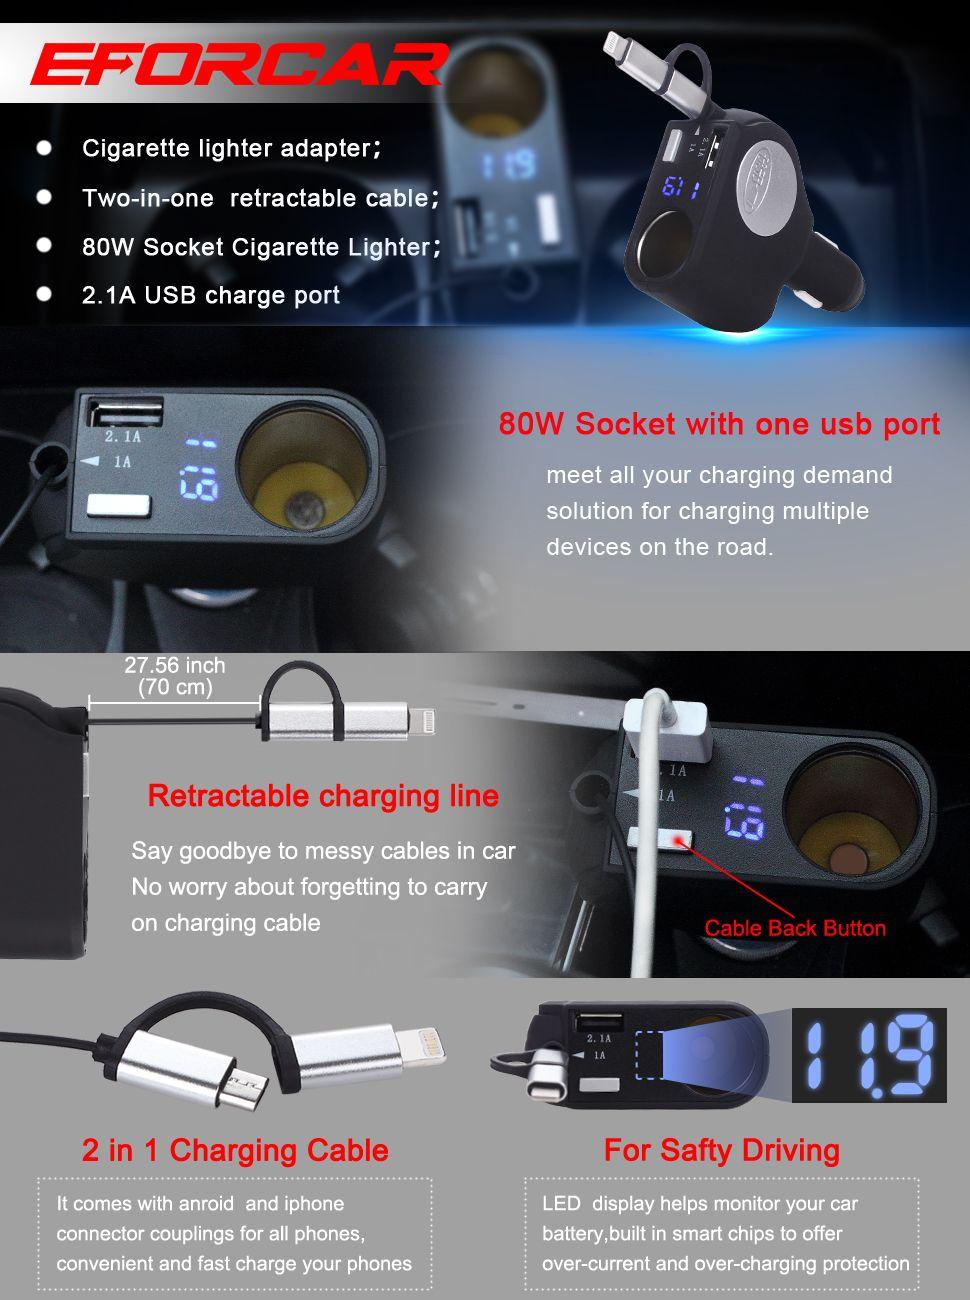 Nova versão 2-em-1 retrátil carregador de carro rápido 1 soquete de isqueiro 3.1-amp porta usb adaptador de energia inteligente para iphone ipad gps